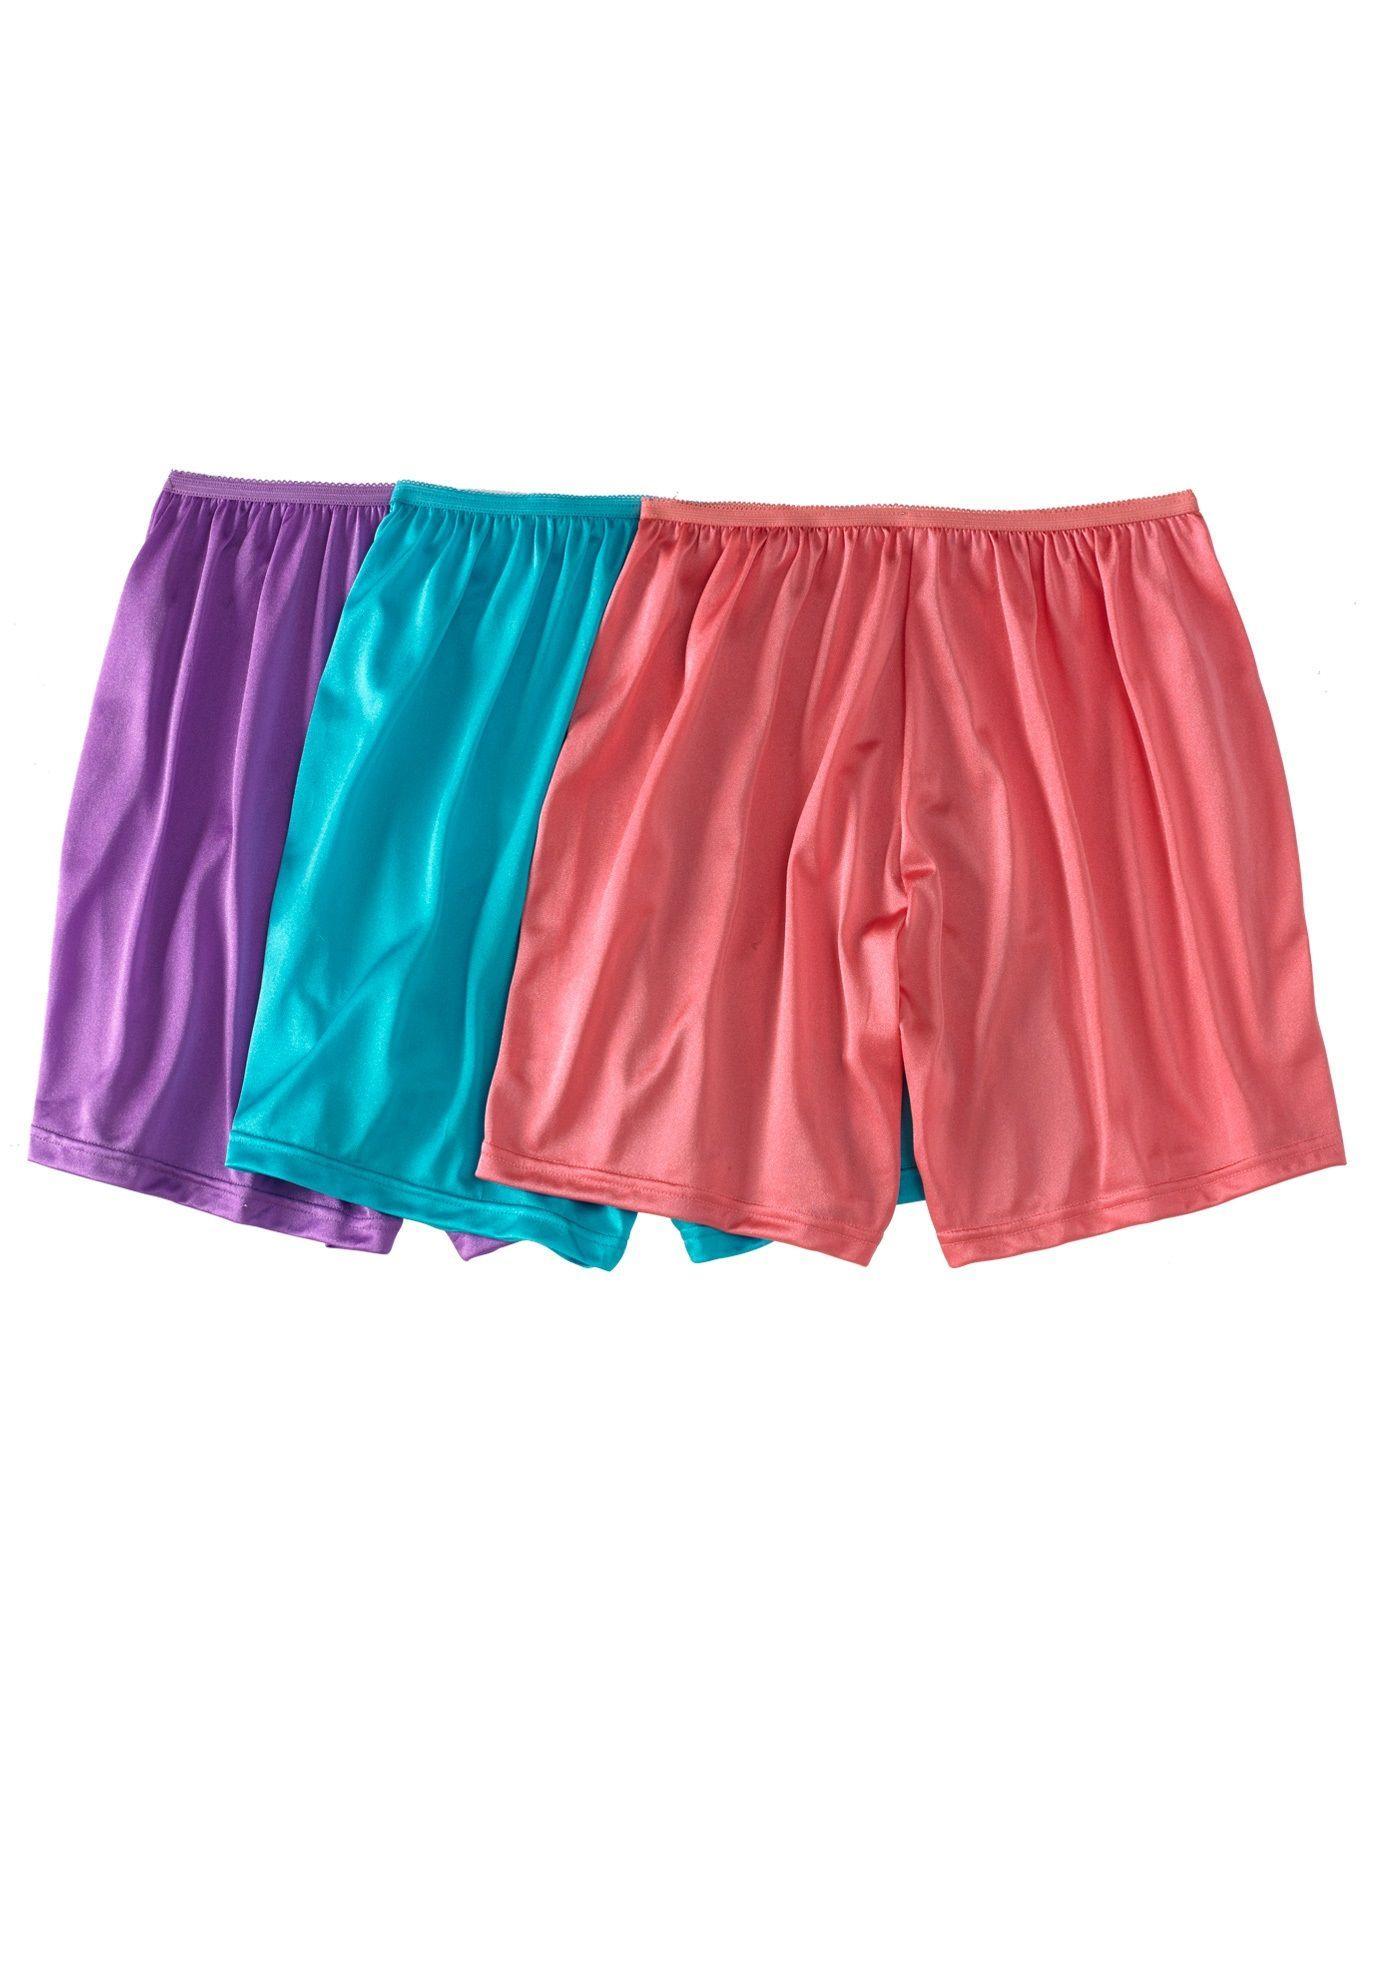 81044b06d25c 3-pack nylon boxer briefs by Comfort Choice - Women's Plus Size Clothing  Plus Size